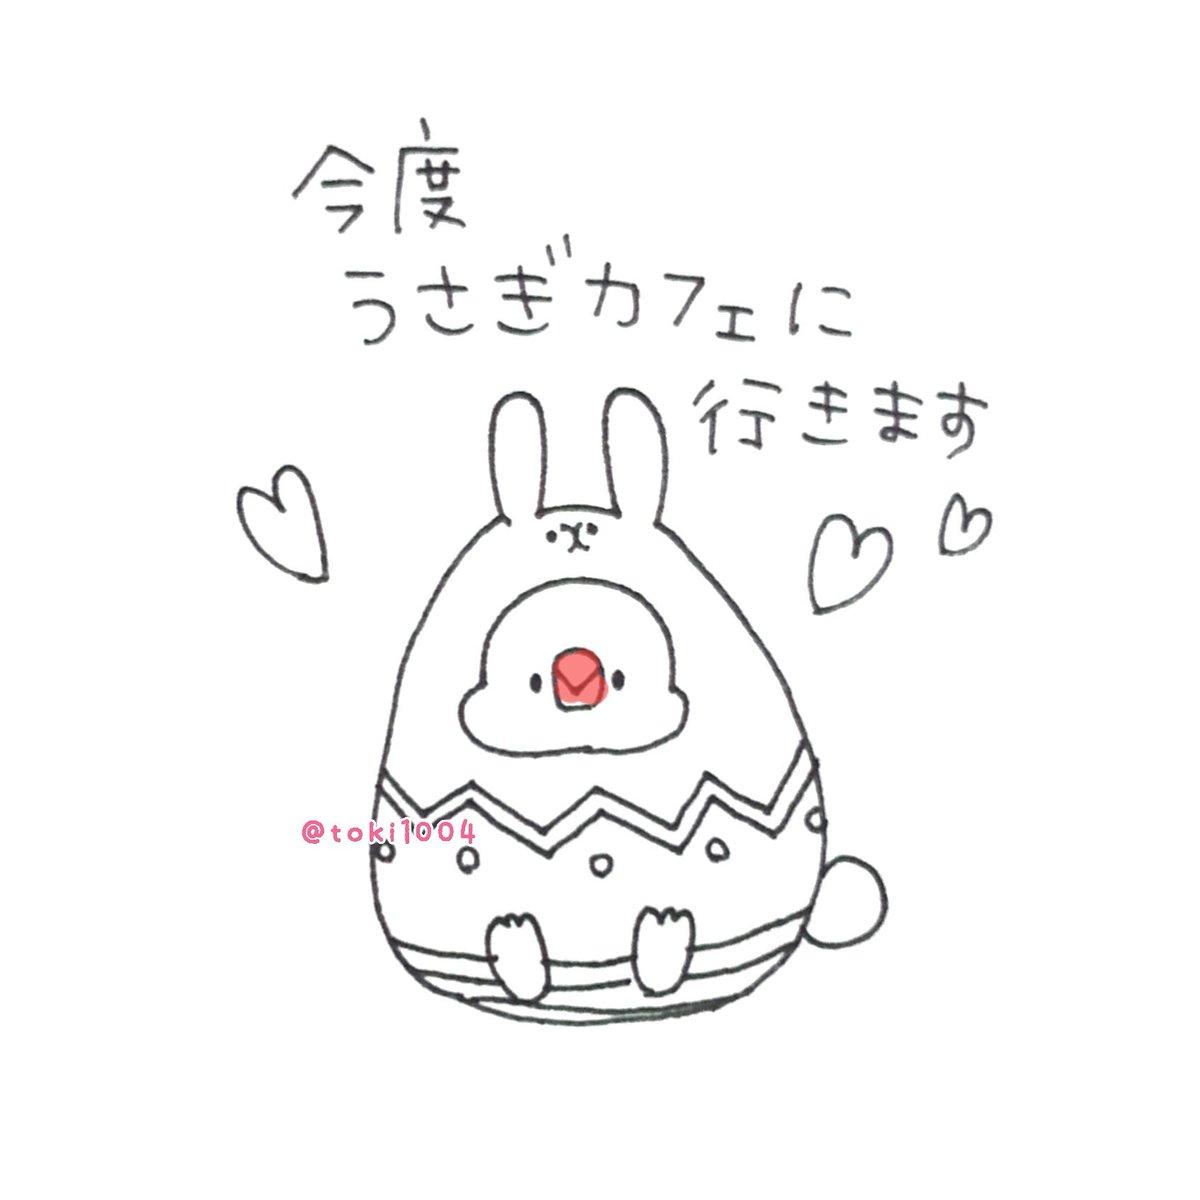 とき51819 デザインフェスタ B 99 On Twitter うさぎカフェ に行く